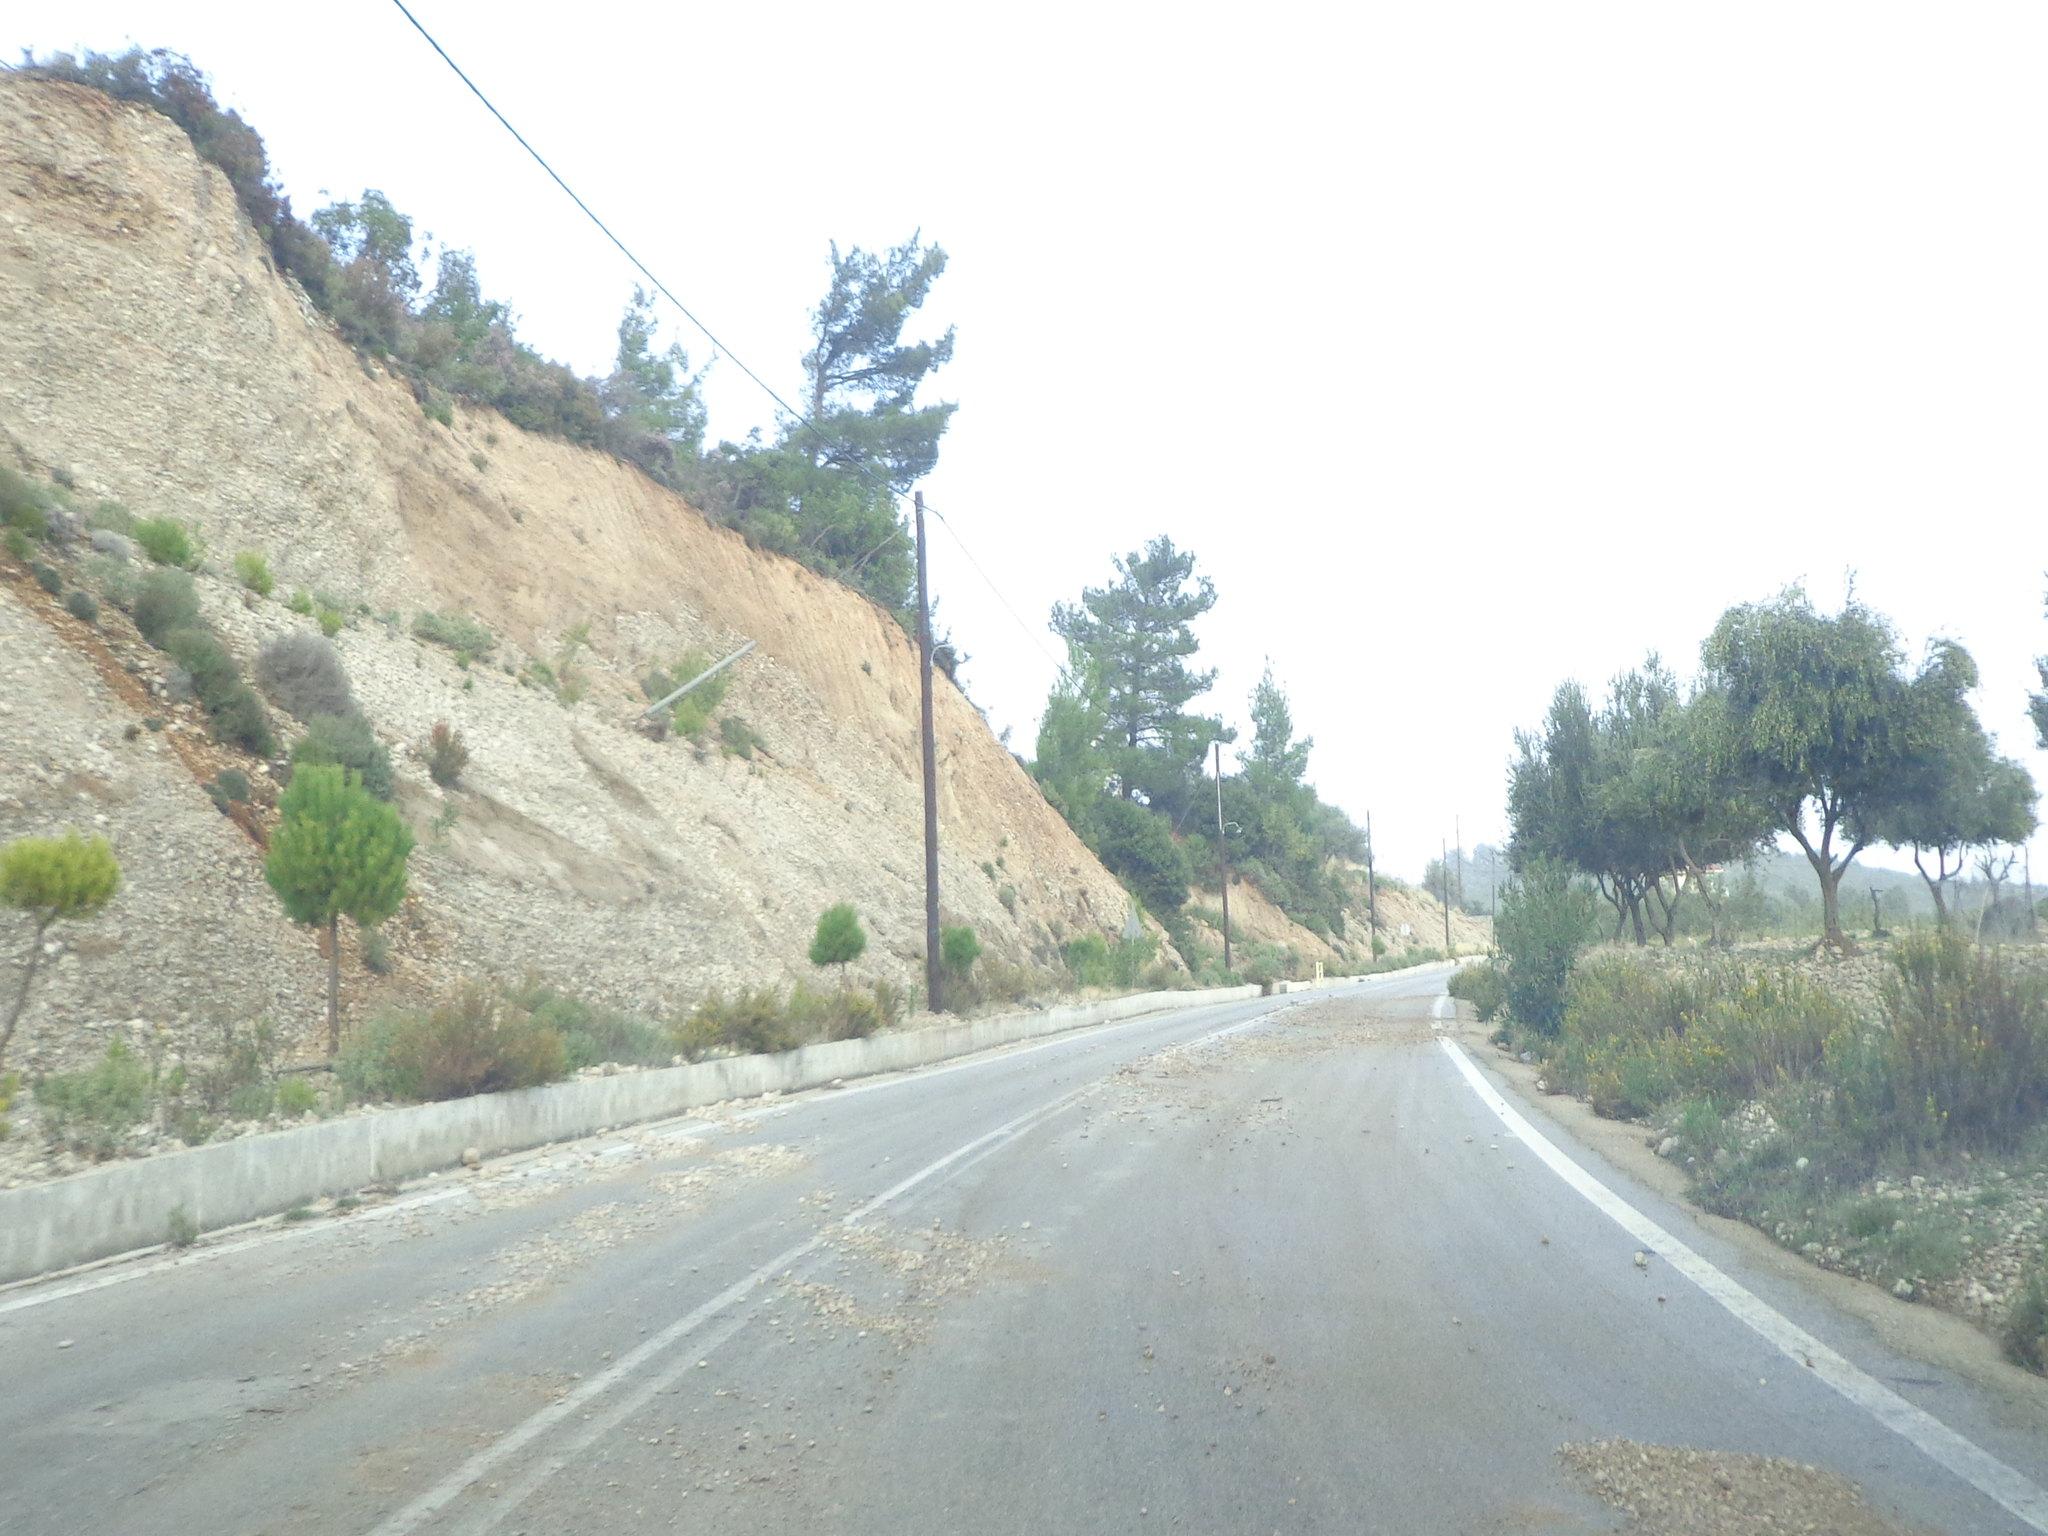 Δρόμος γεμάτος χώμα και πέτρες μετά την κακοκαιρία - Κακοκαιρία, Ισχυροί άνεμοι, Ψίνθος